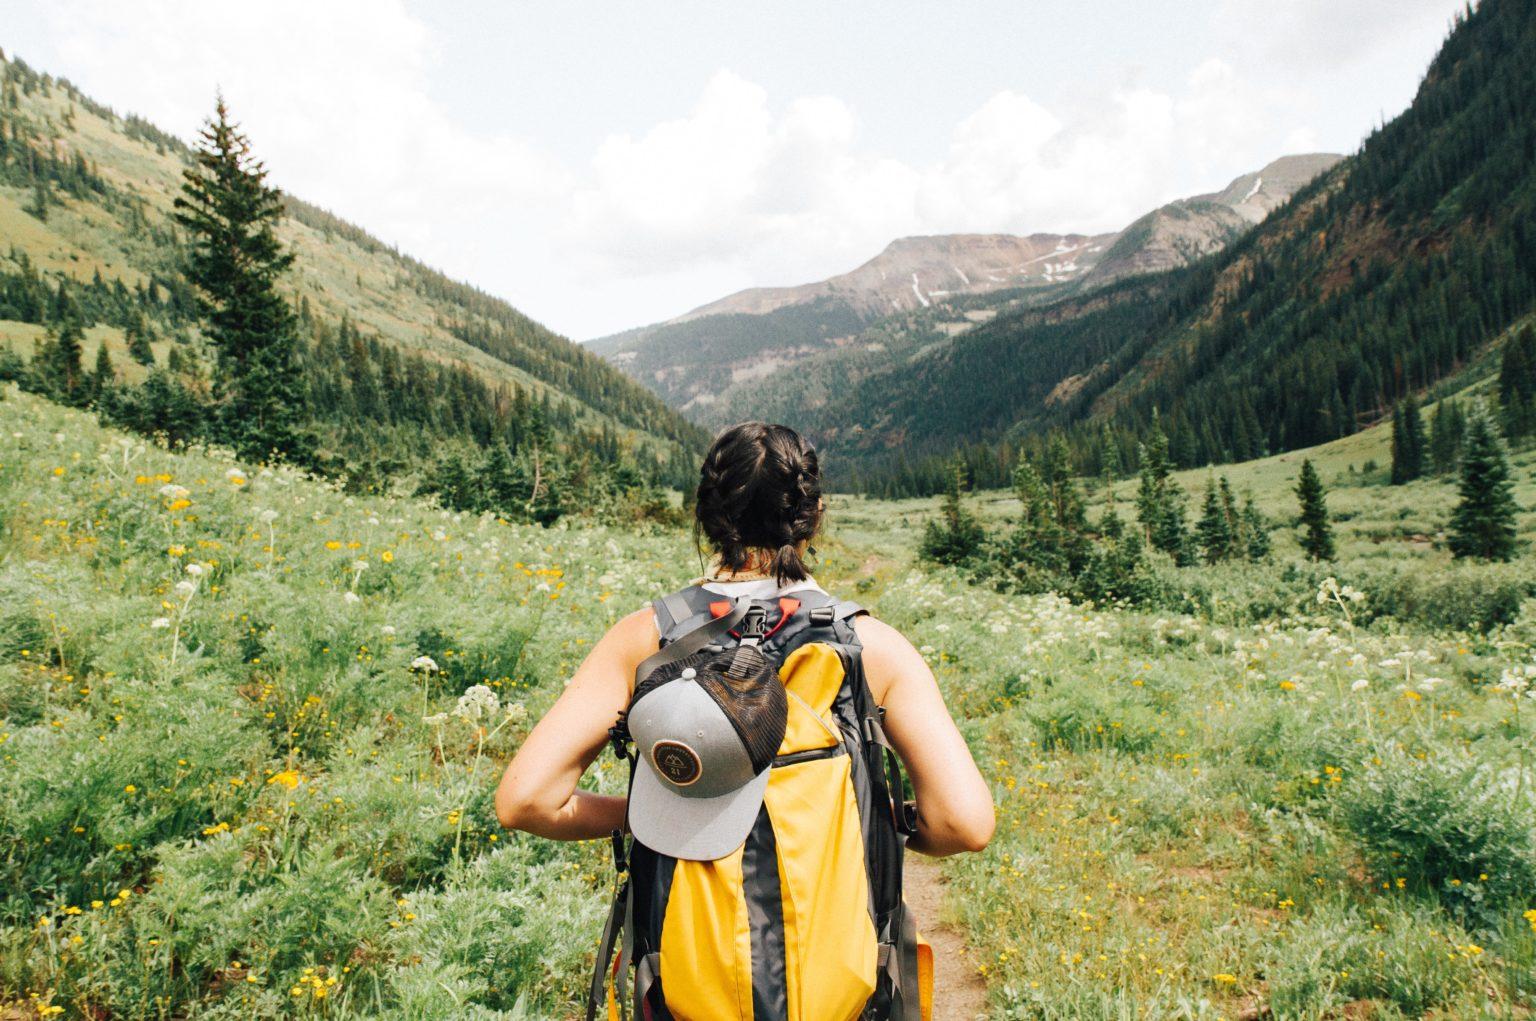 Abbildung zeigt Backpacker unterwegs mit RUcksack und Outdoor Equipment